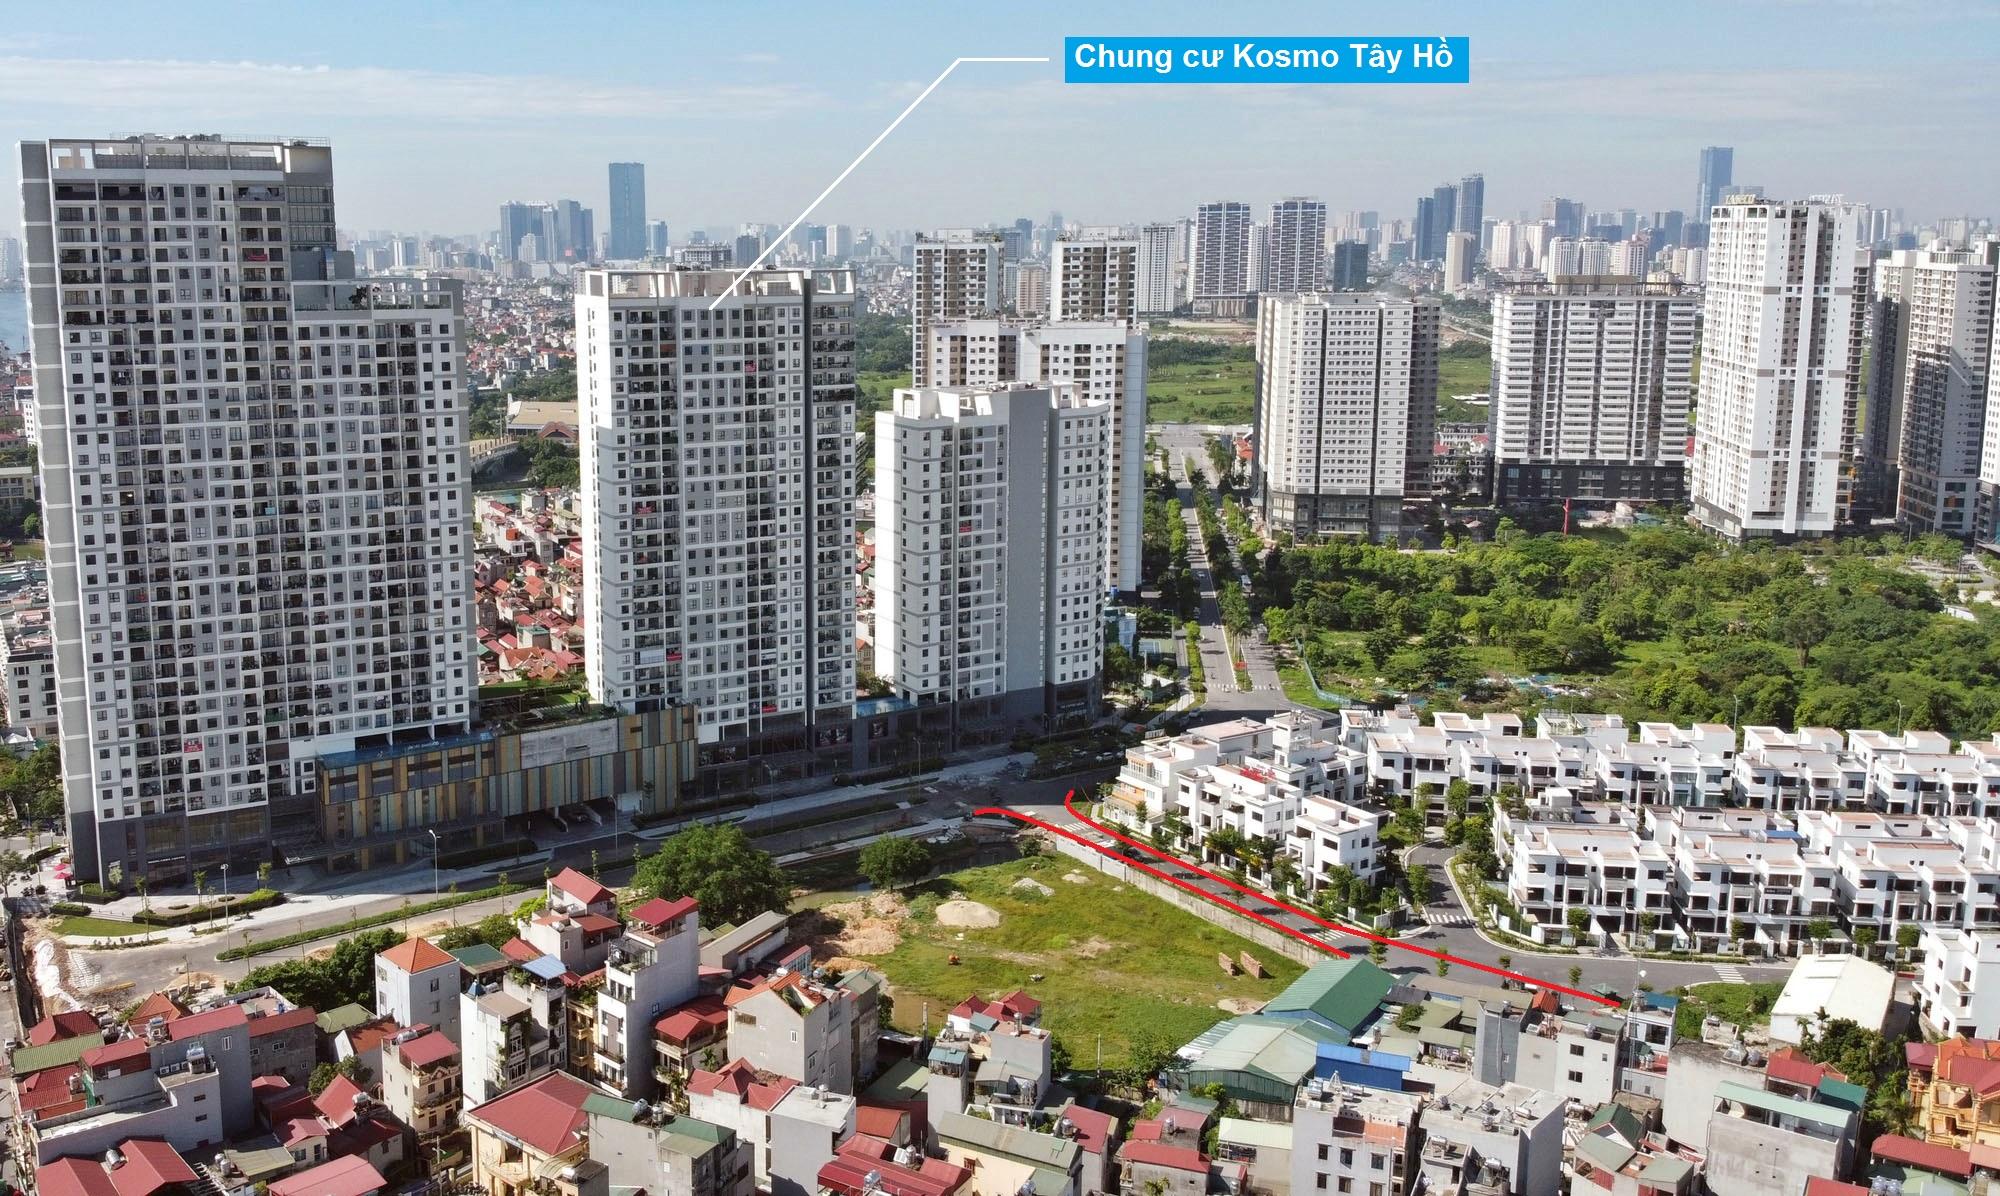 Ba đường sẽ mở theo qui hoạch ở phường Xuân Tảo, Bắc Từ Liêm, Hà Nội (phần 2) - Ảnh 5.